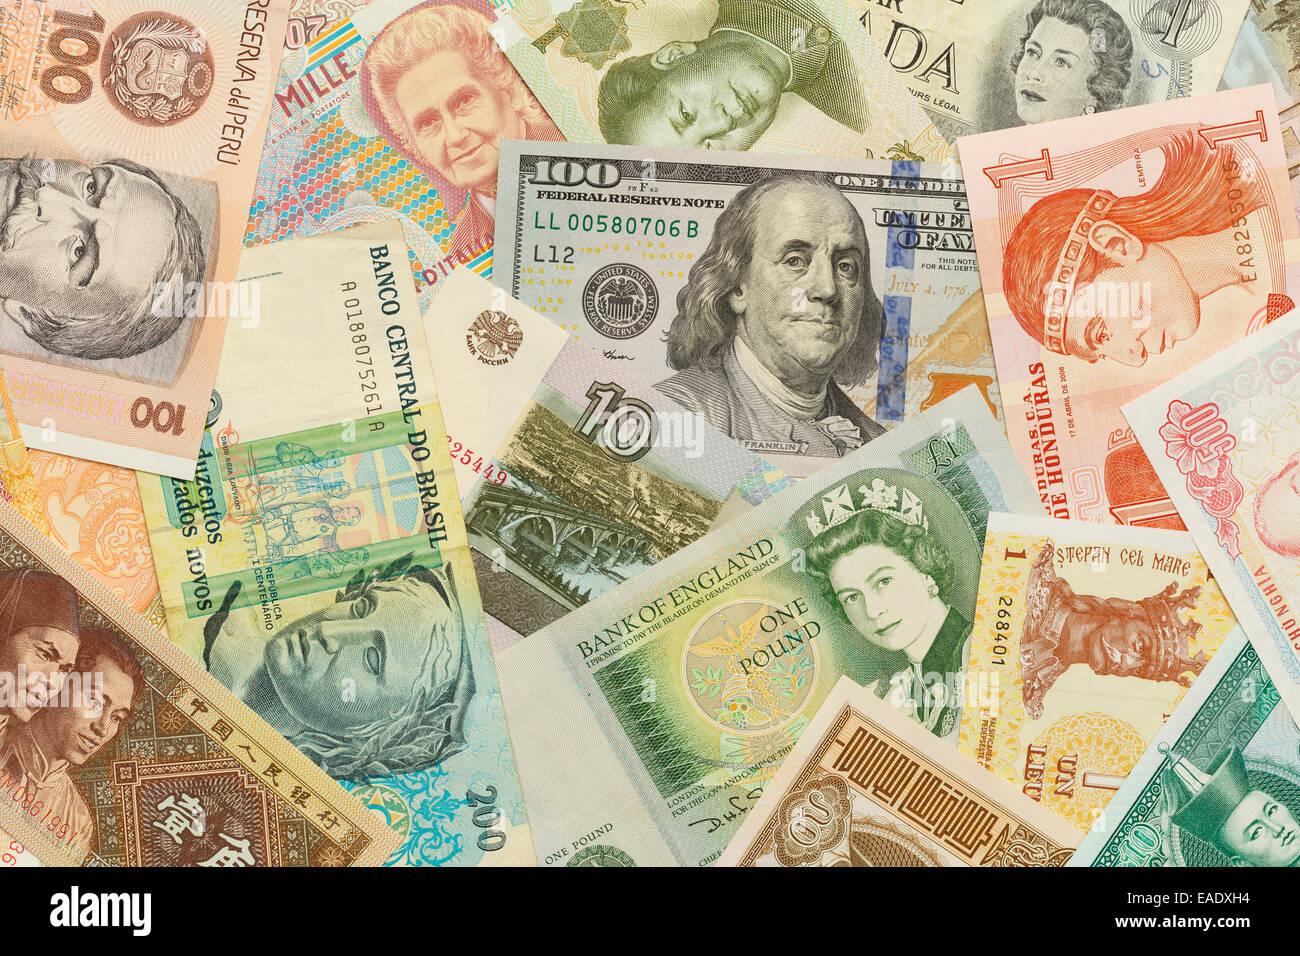 Mélanger l'argent de papier isolé sur fond blanc. Photo Stock